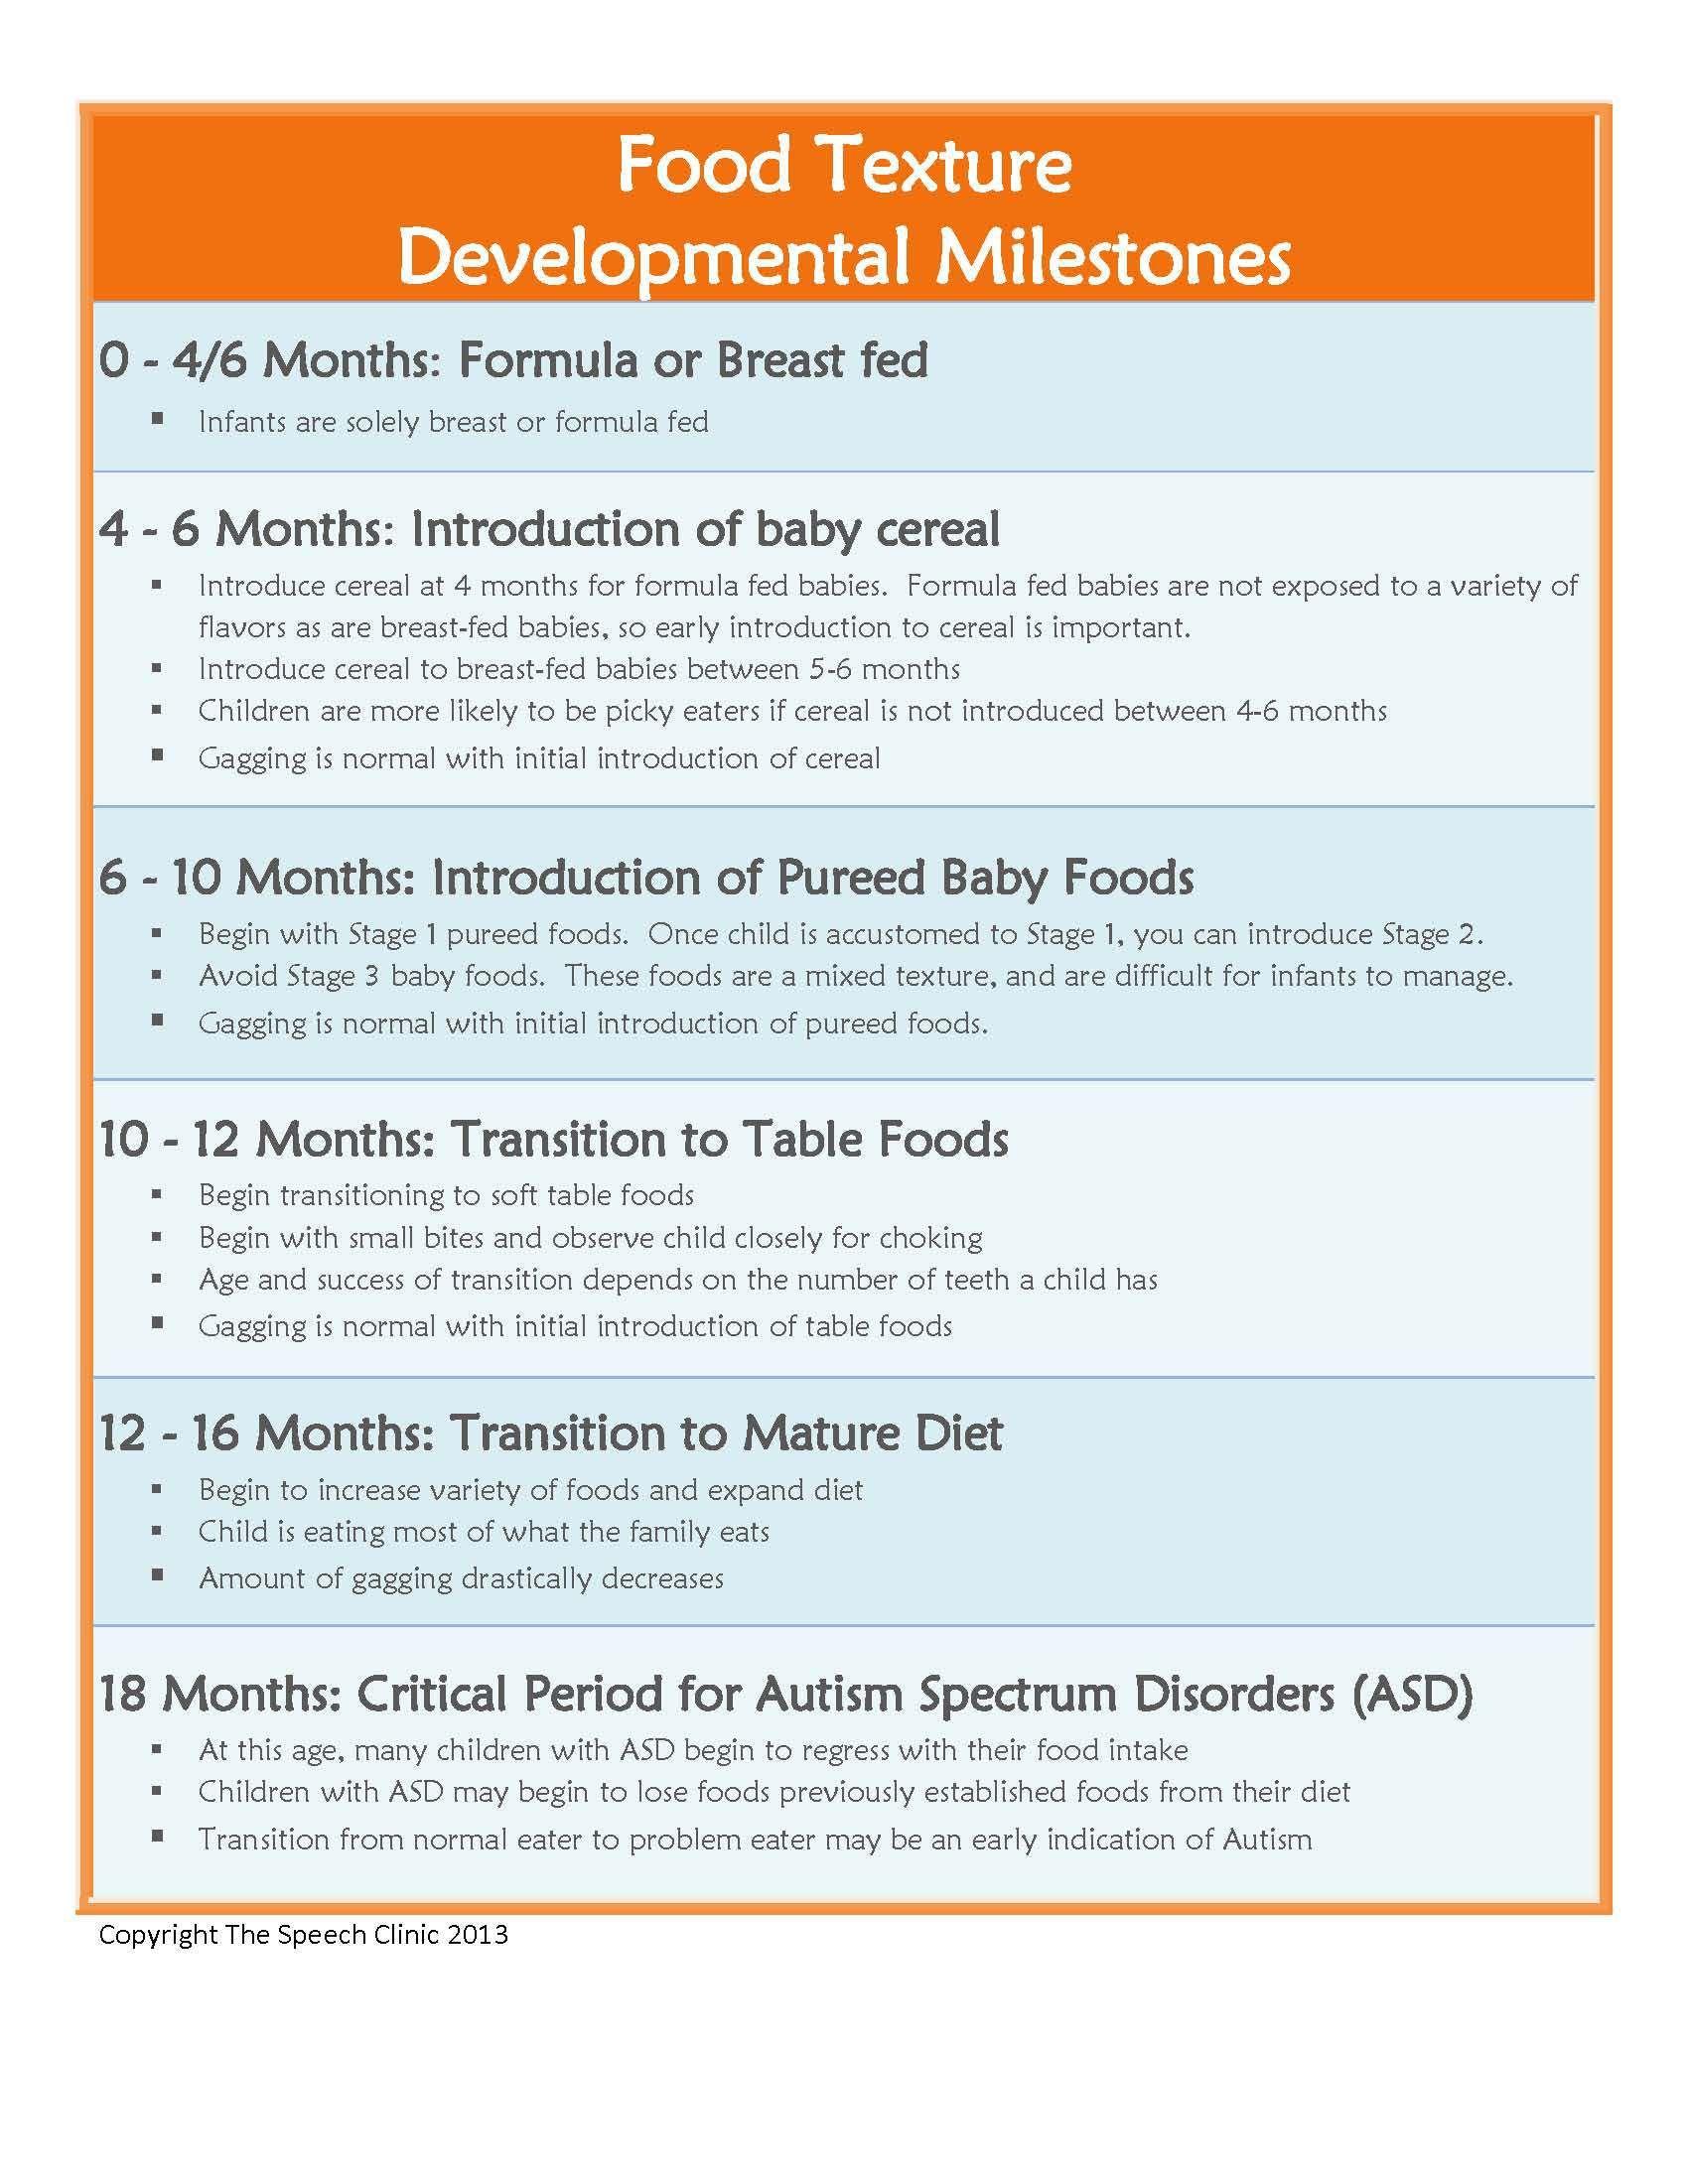 Food Texture Developmental Milestones